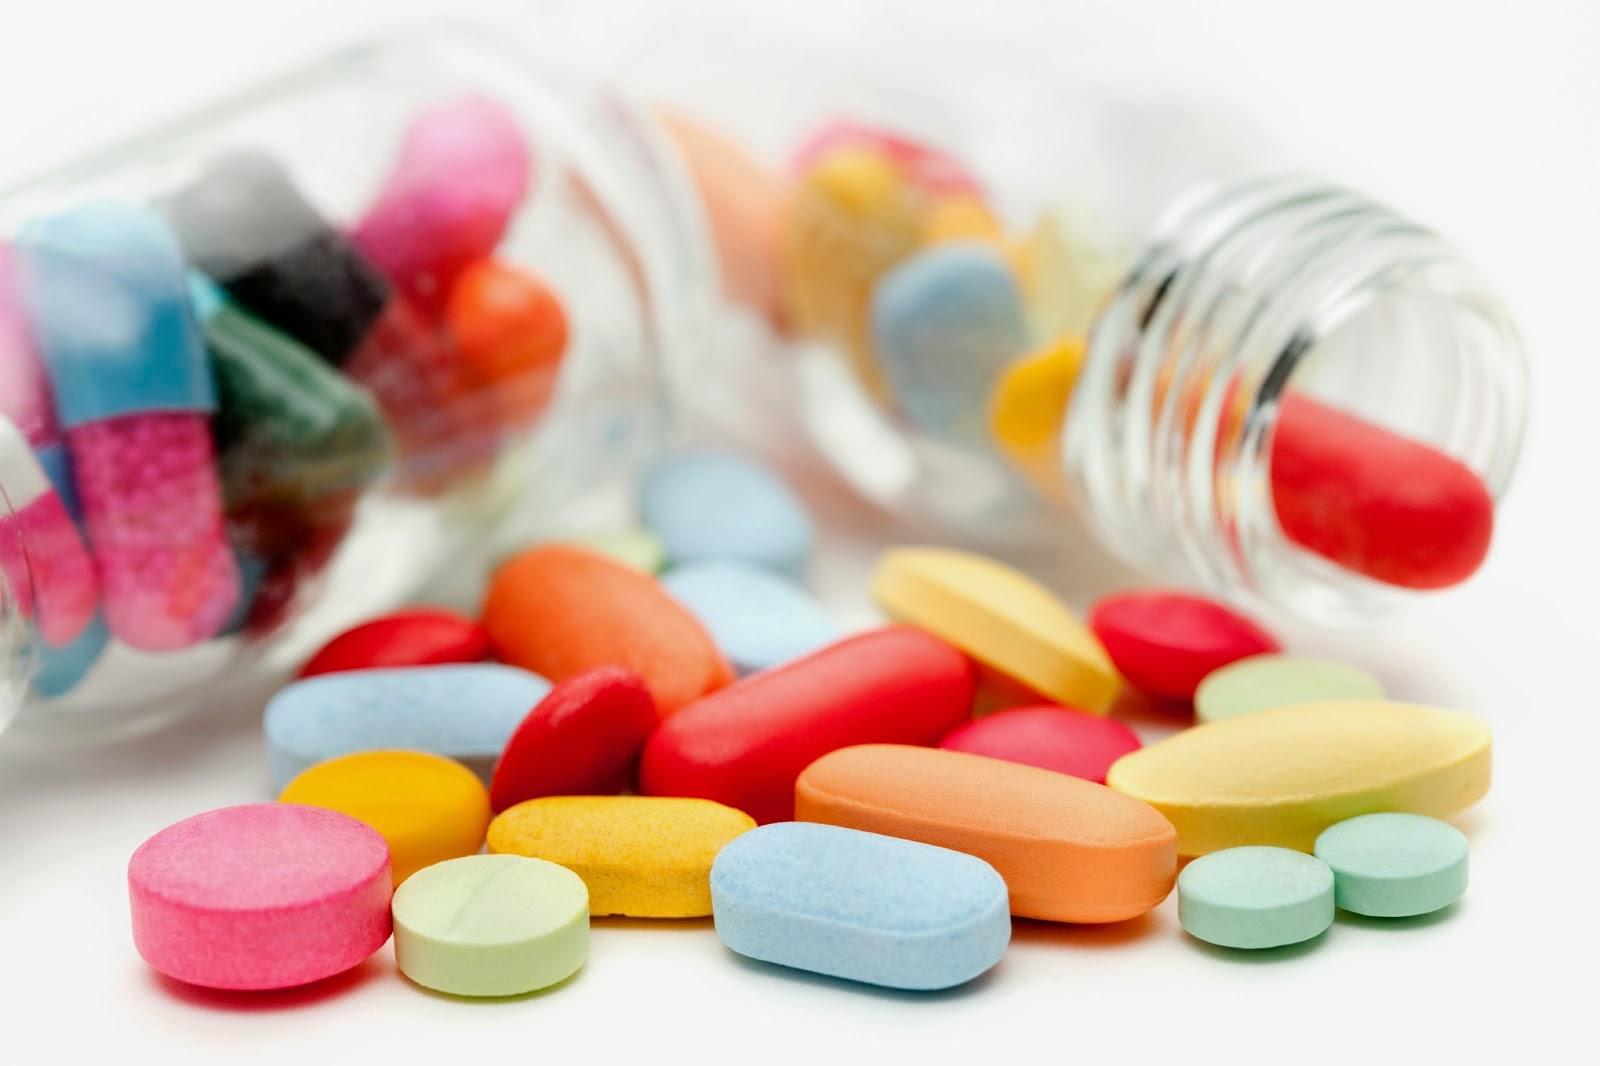 Tránh dùng thuốc giảm đau để hạn chế nguy cơ viêm loét dạ dày